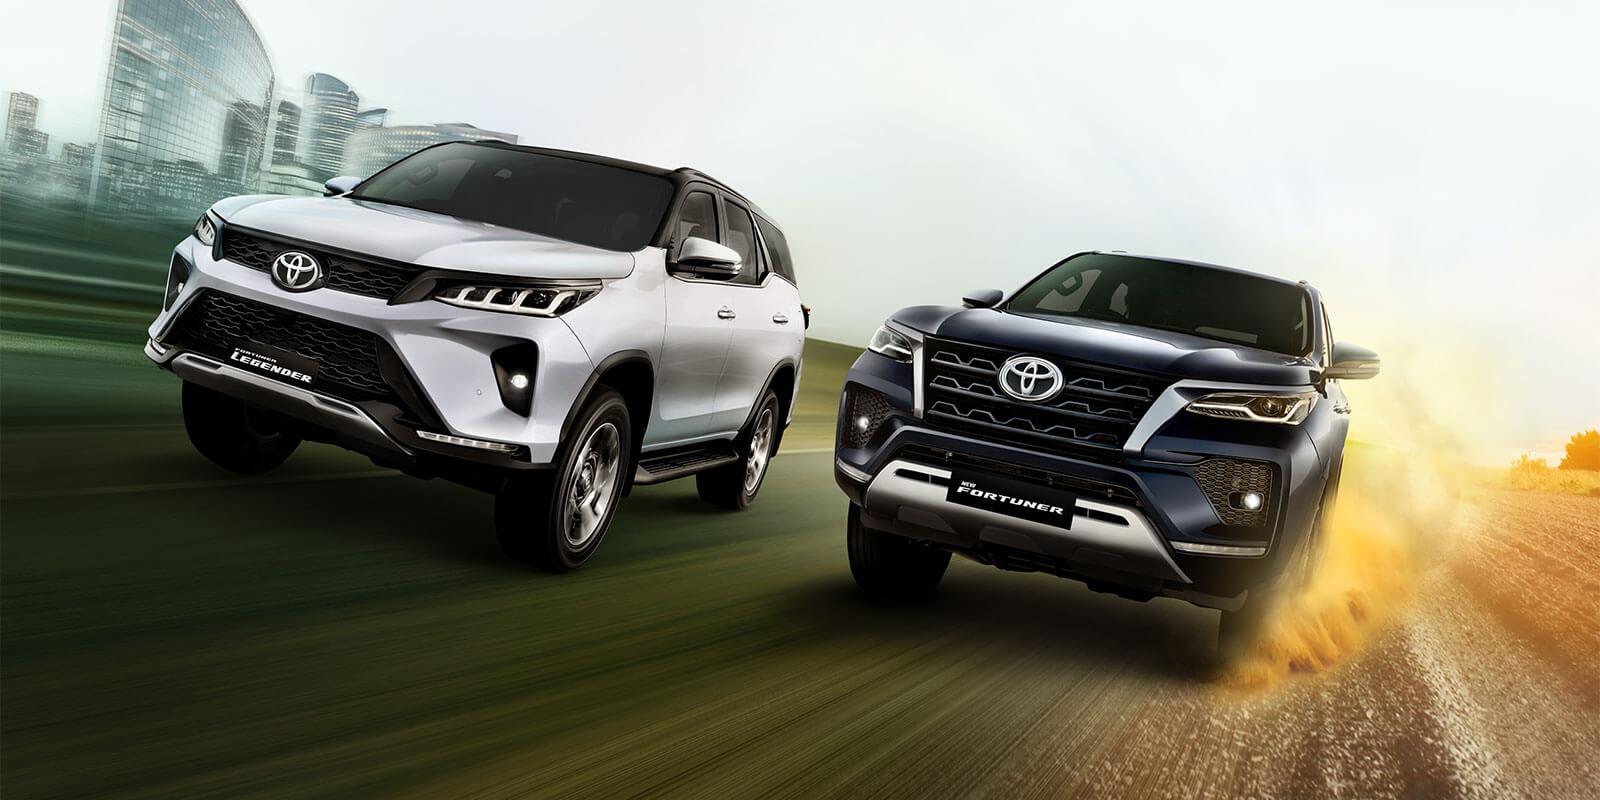 Kelebihan Toyota Fortuner 4X4 Perbandingan Harga